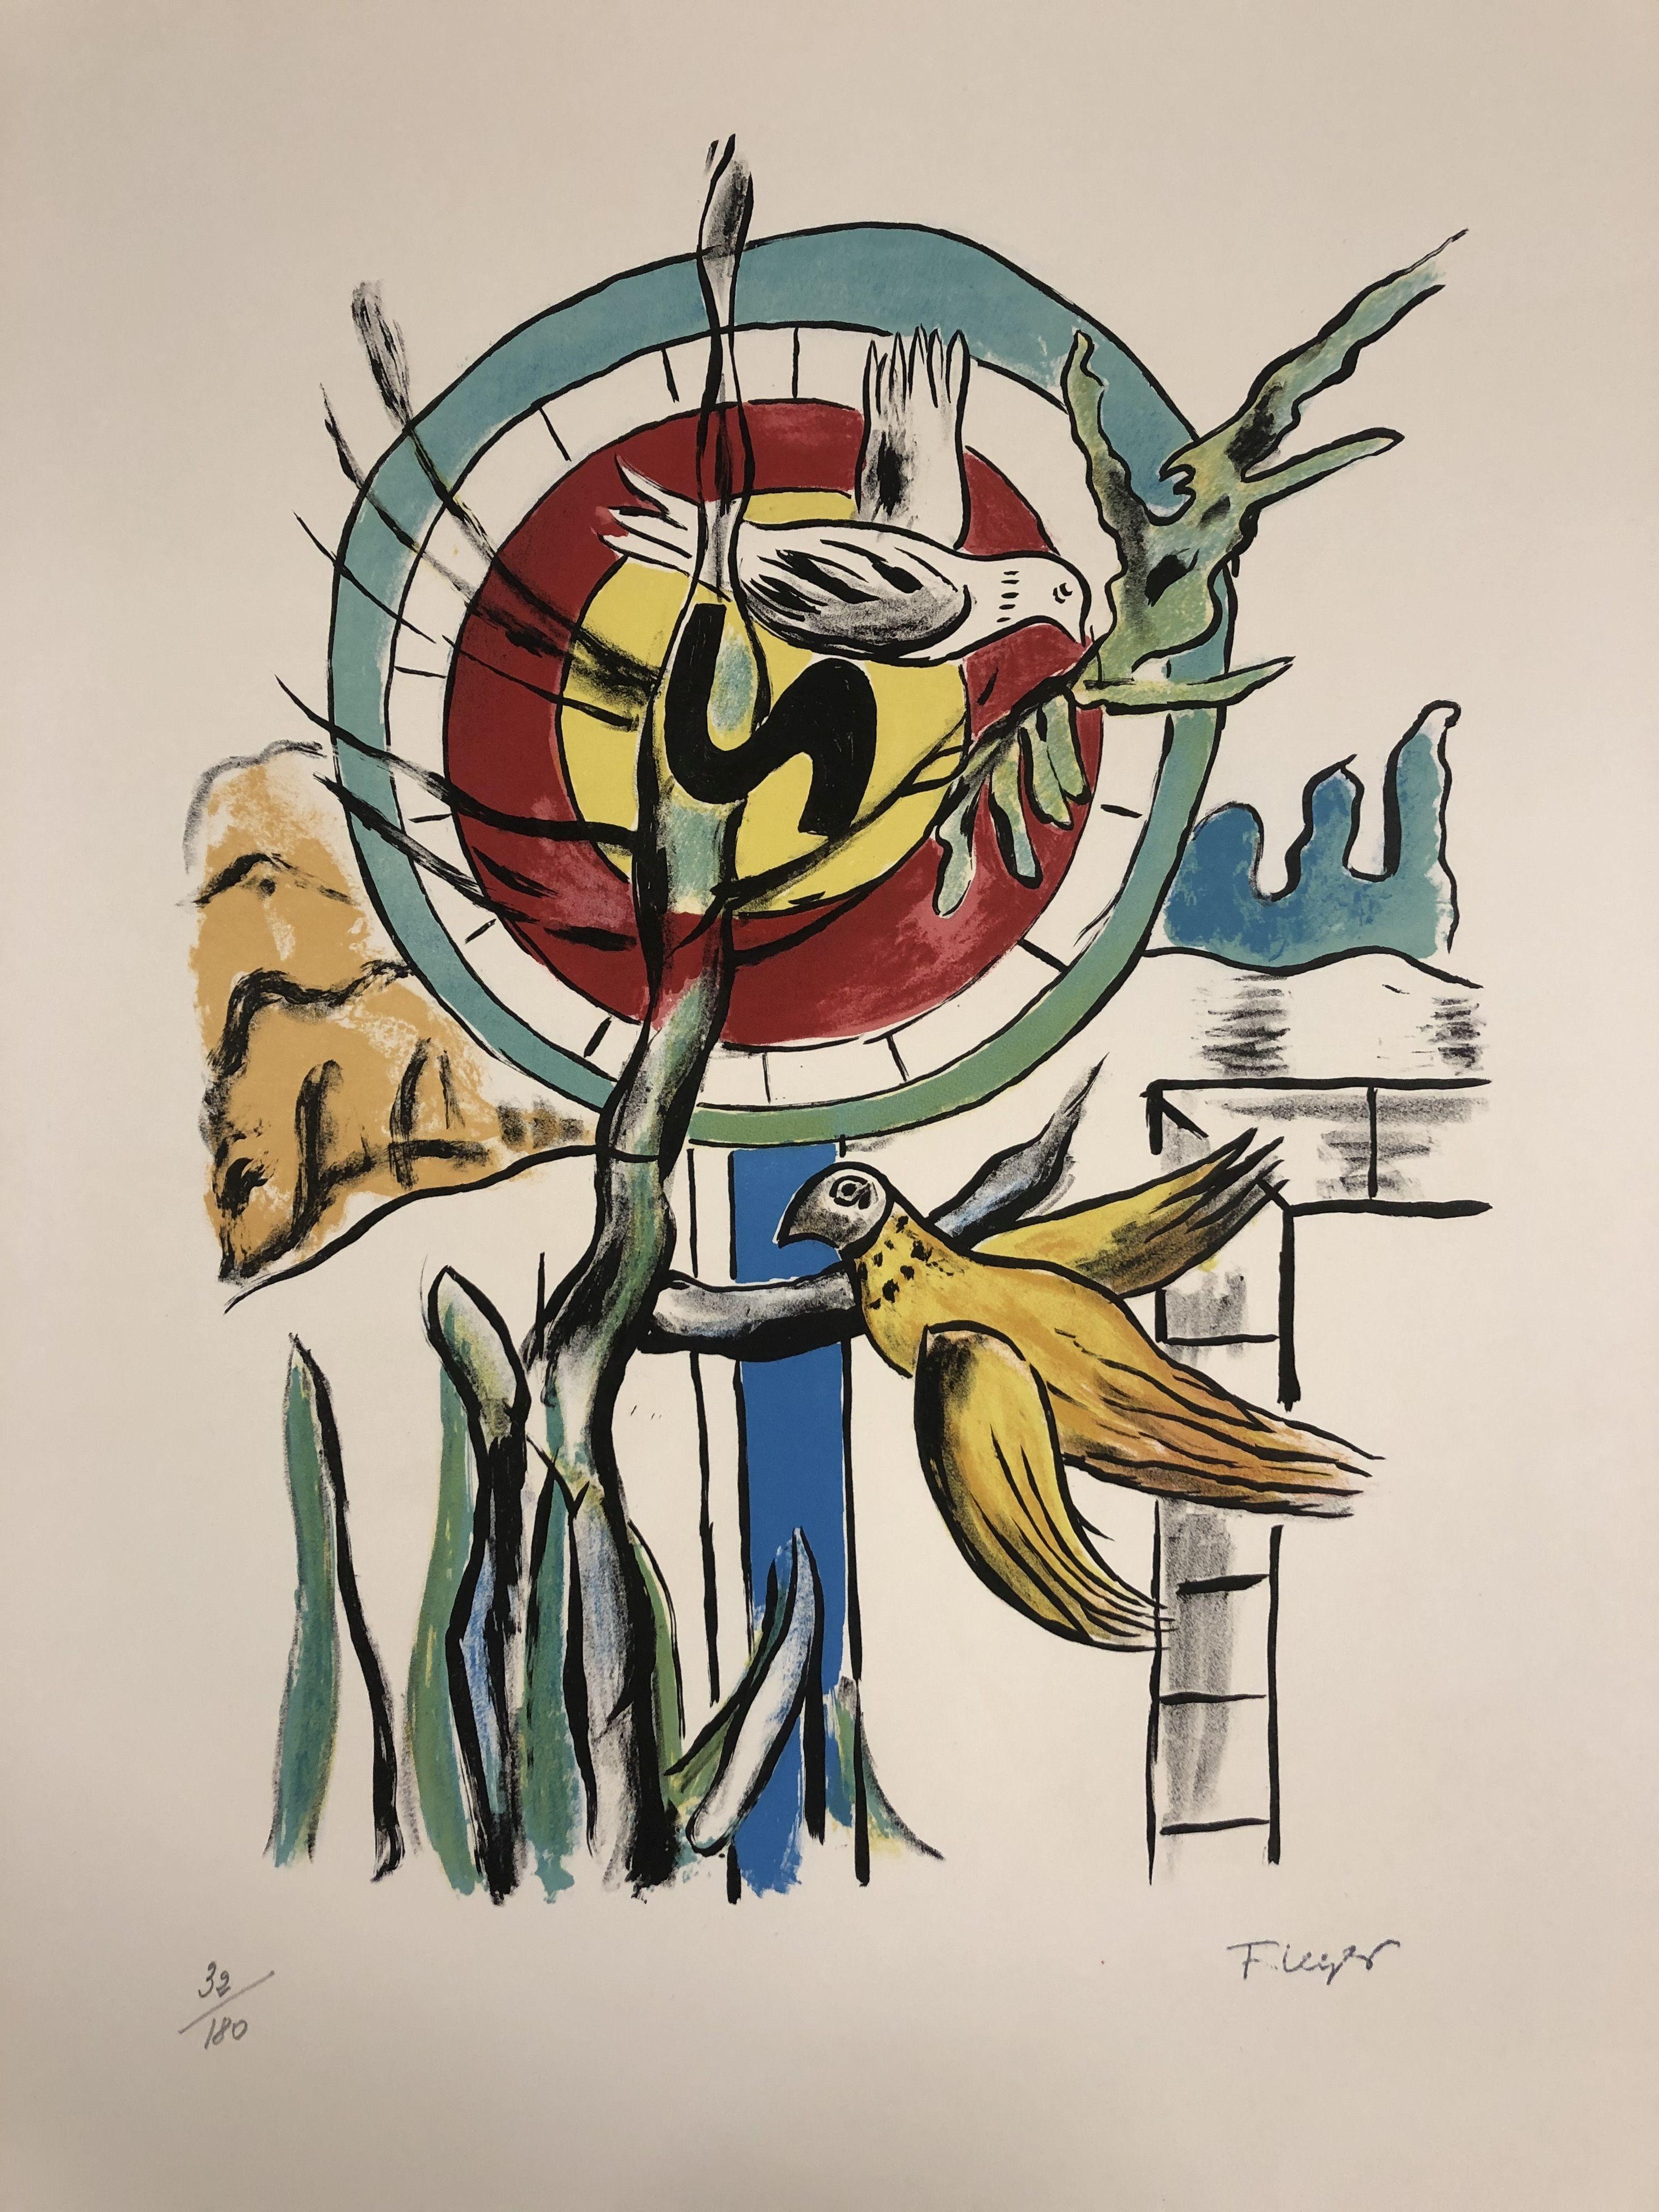 Fernand leger - Les deux Oiseaux, 1959